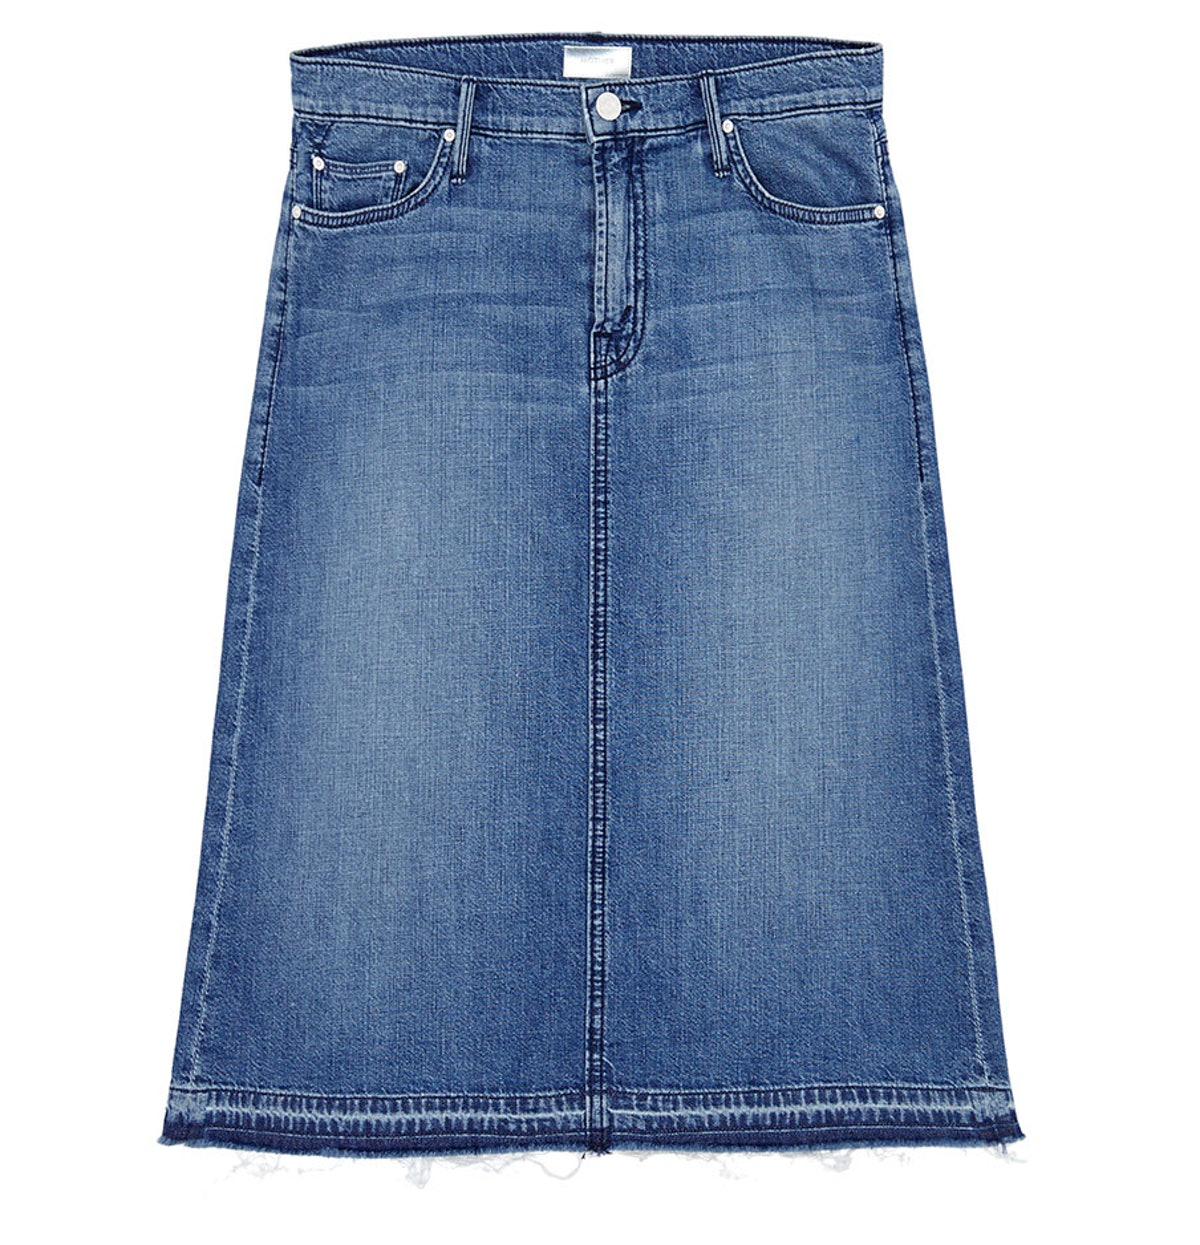 Mother denim skirt